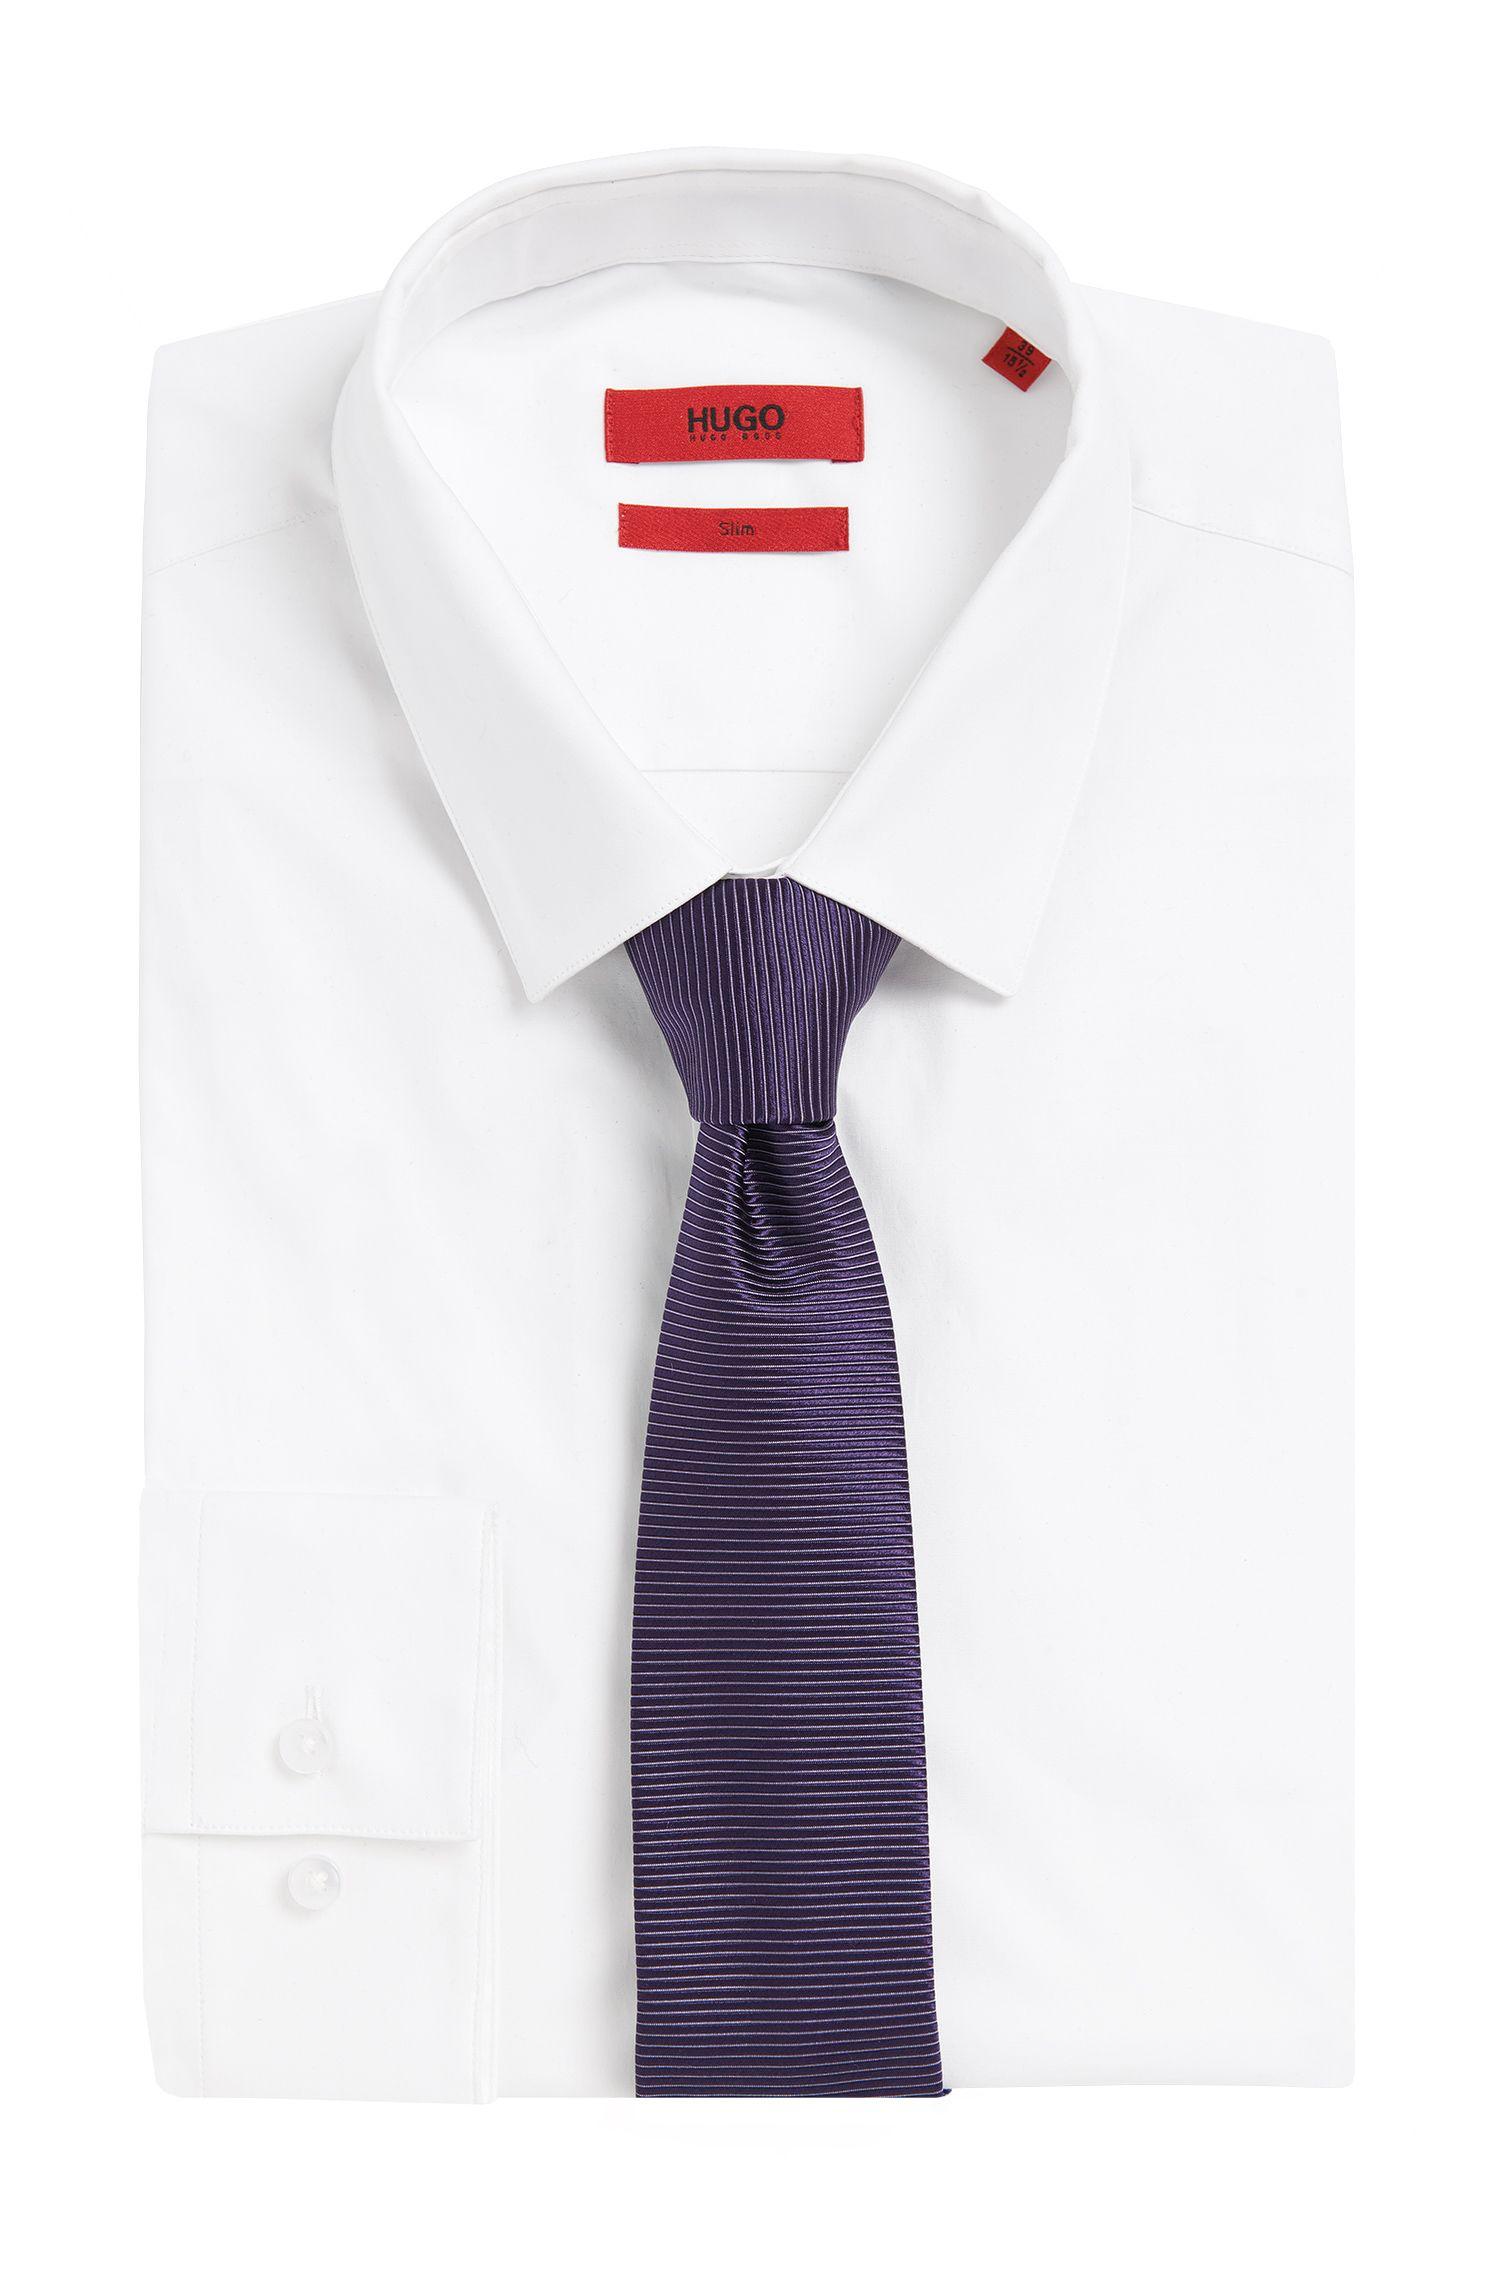 Quer gestreifte Krawatte aus Seide: 'Tie cm 6'